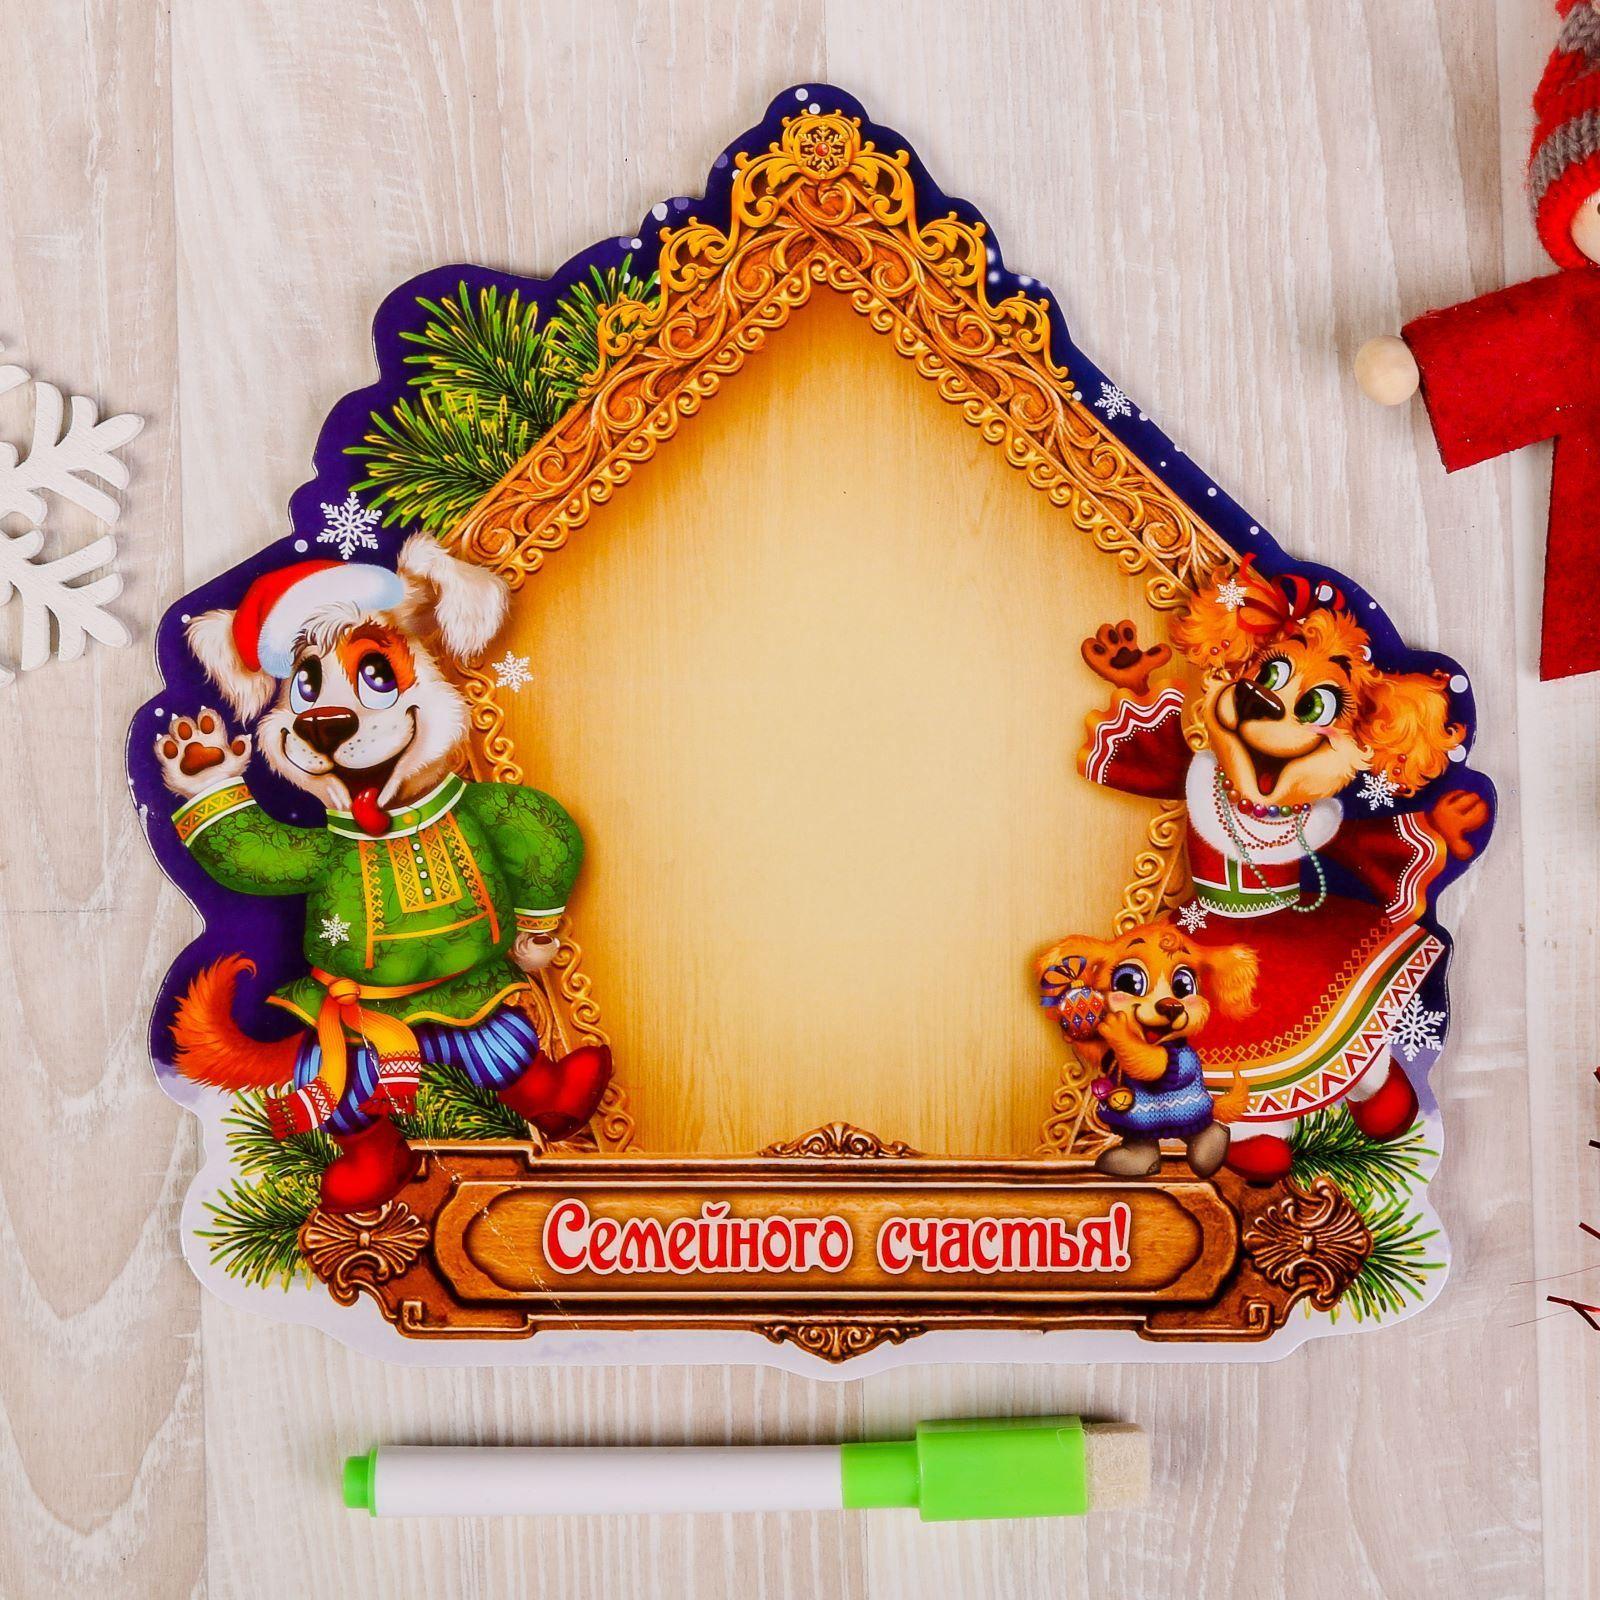 Доска магнитная Sima-land Семейного счастья, 20 х 20 см2196215Порадуйте родных и близких оригинальным сувениром: преподнесите в подарок магнит. С ним даже самый серьёзный человек почувствует себя ребёнком, ожидающим чудо! Создайте праздничное настроение, и оно останется с вами на весь год.